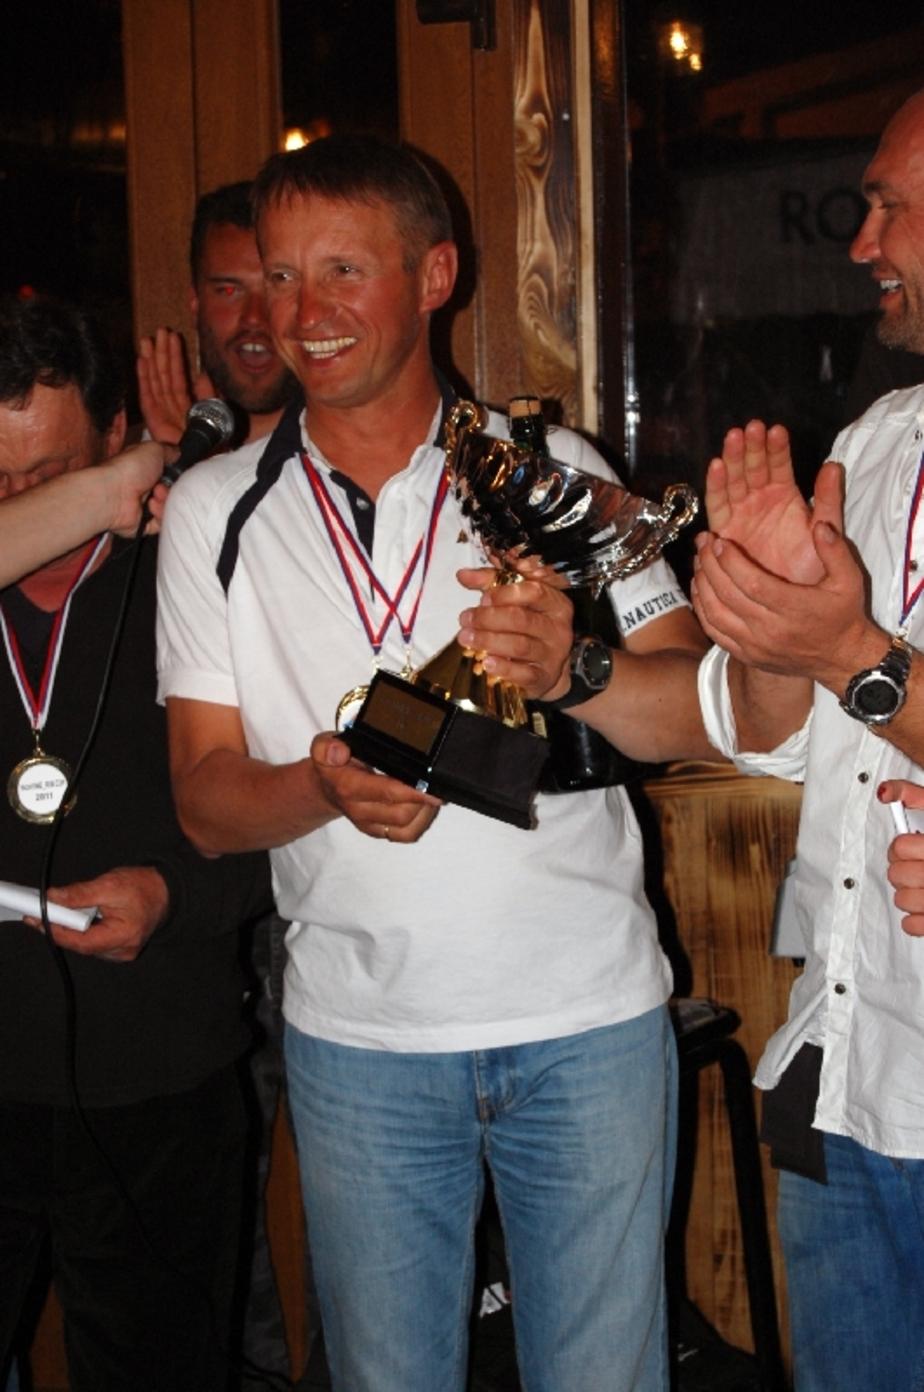 Калининградец выиграл кубок на яхтенных соревнованиях блоггеров - Новости Калининграда